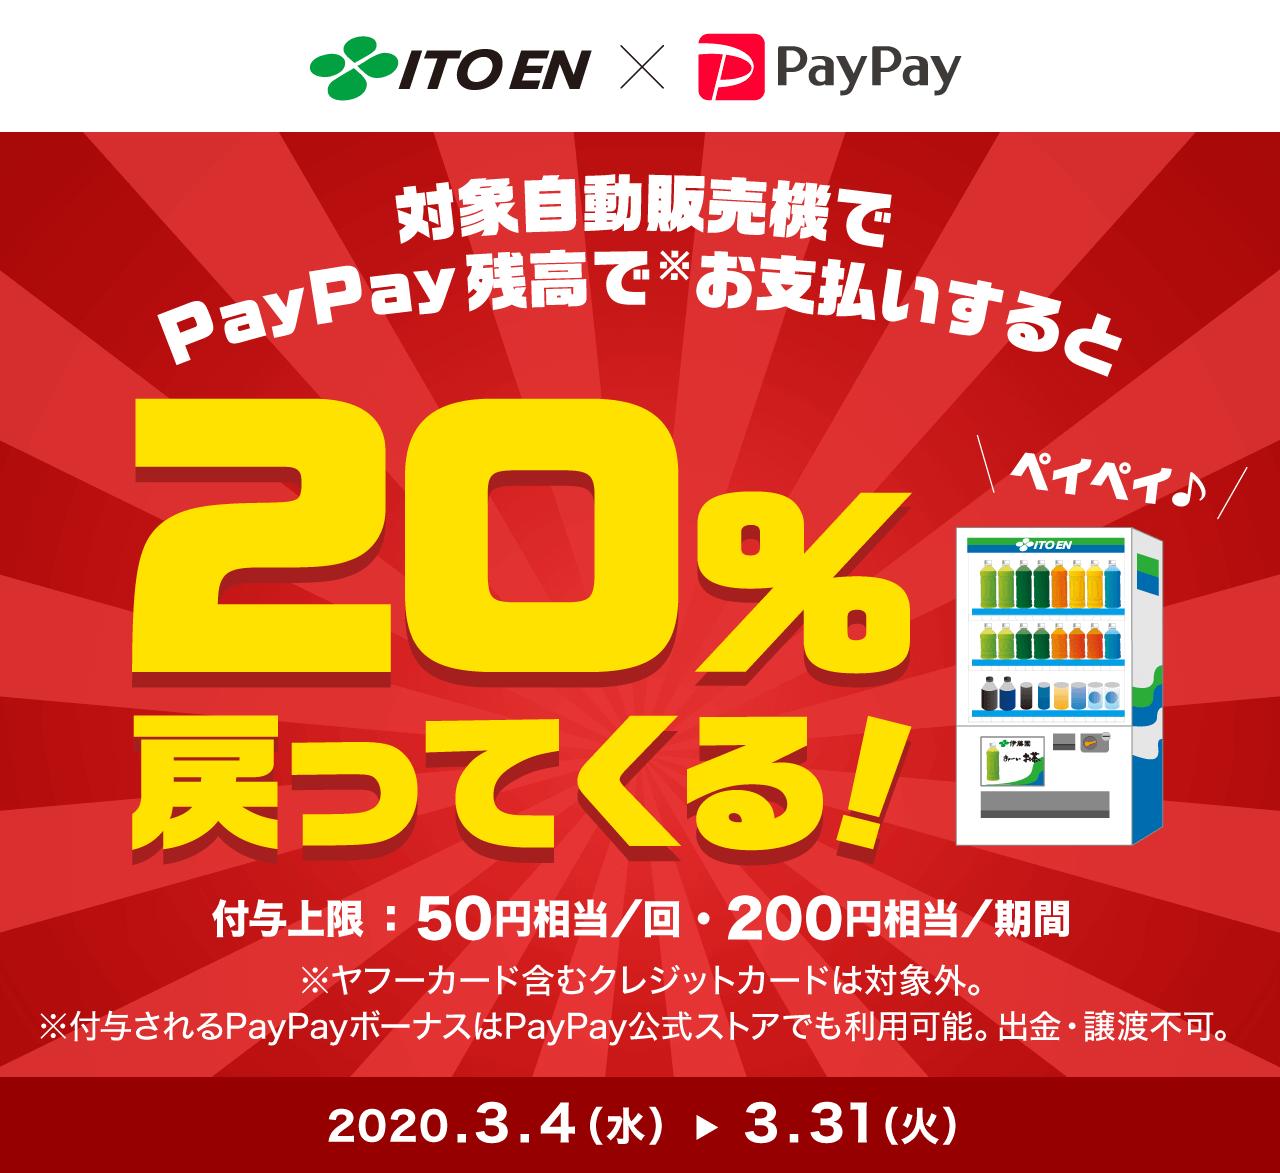 対象自動販売機でPayPay残高でお支払いすると 20%戻ってくる!